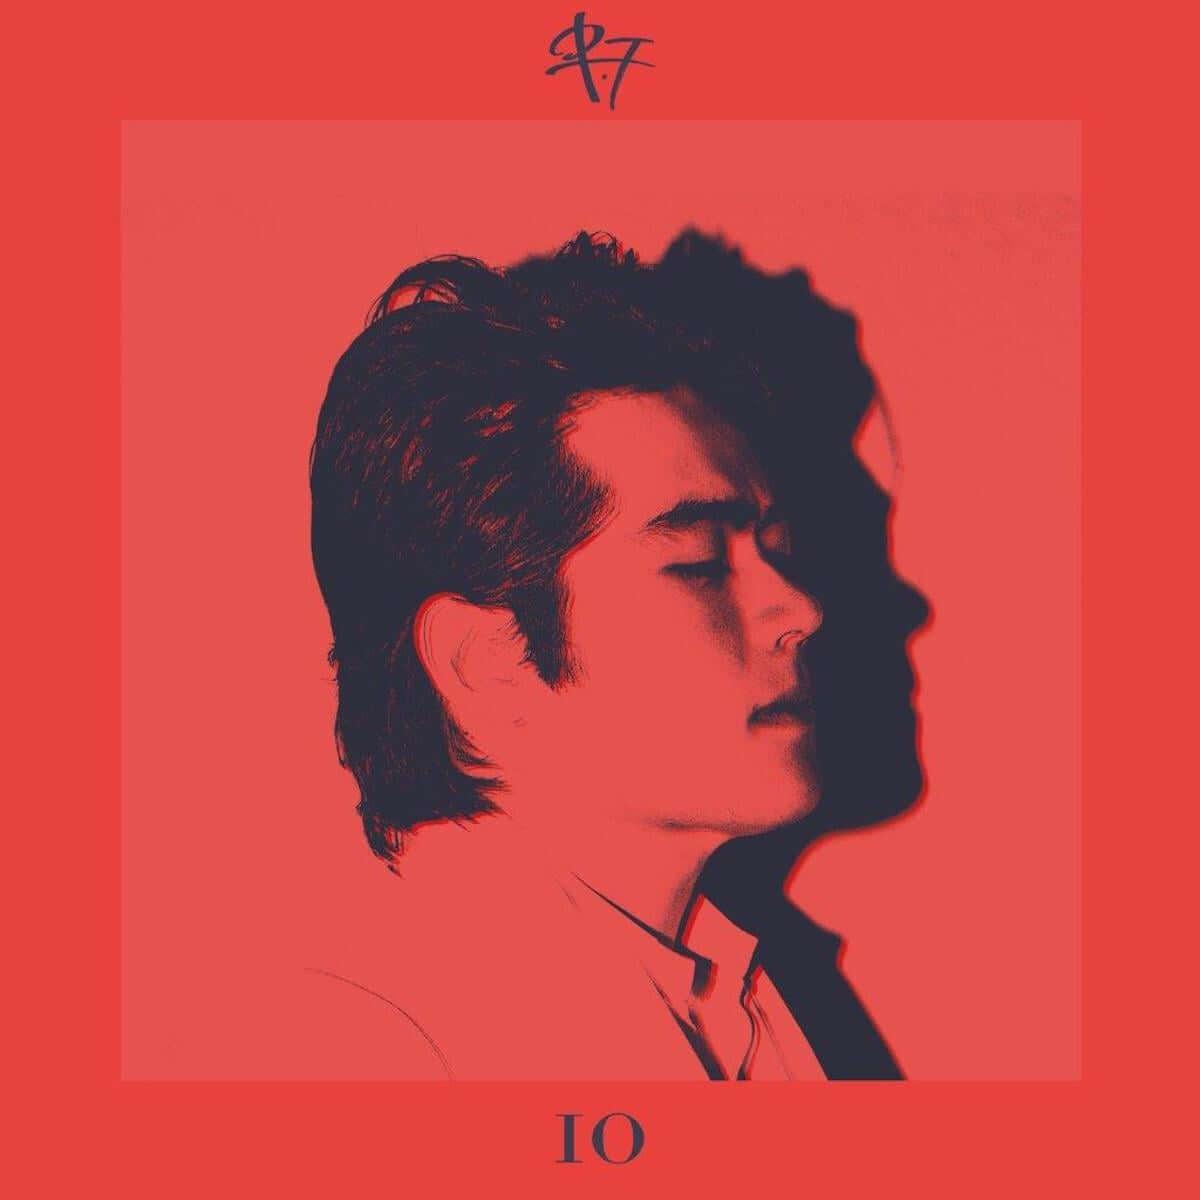 高岩遼、アルバム『10』発売前夜に公開生インタビューの緊急開催が決定|日本人初の「Spotify Listening Party」も music181016-takaiwa-ryo-2-1200x1200